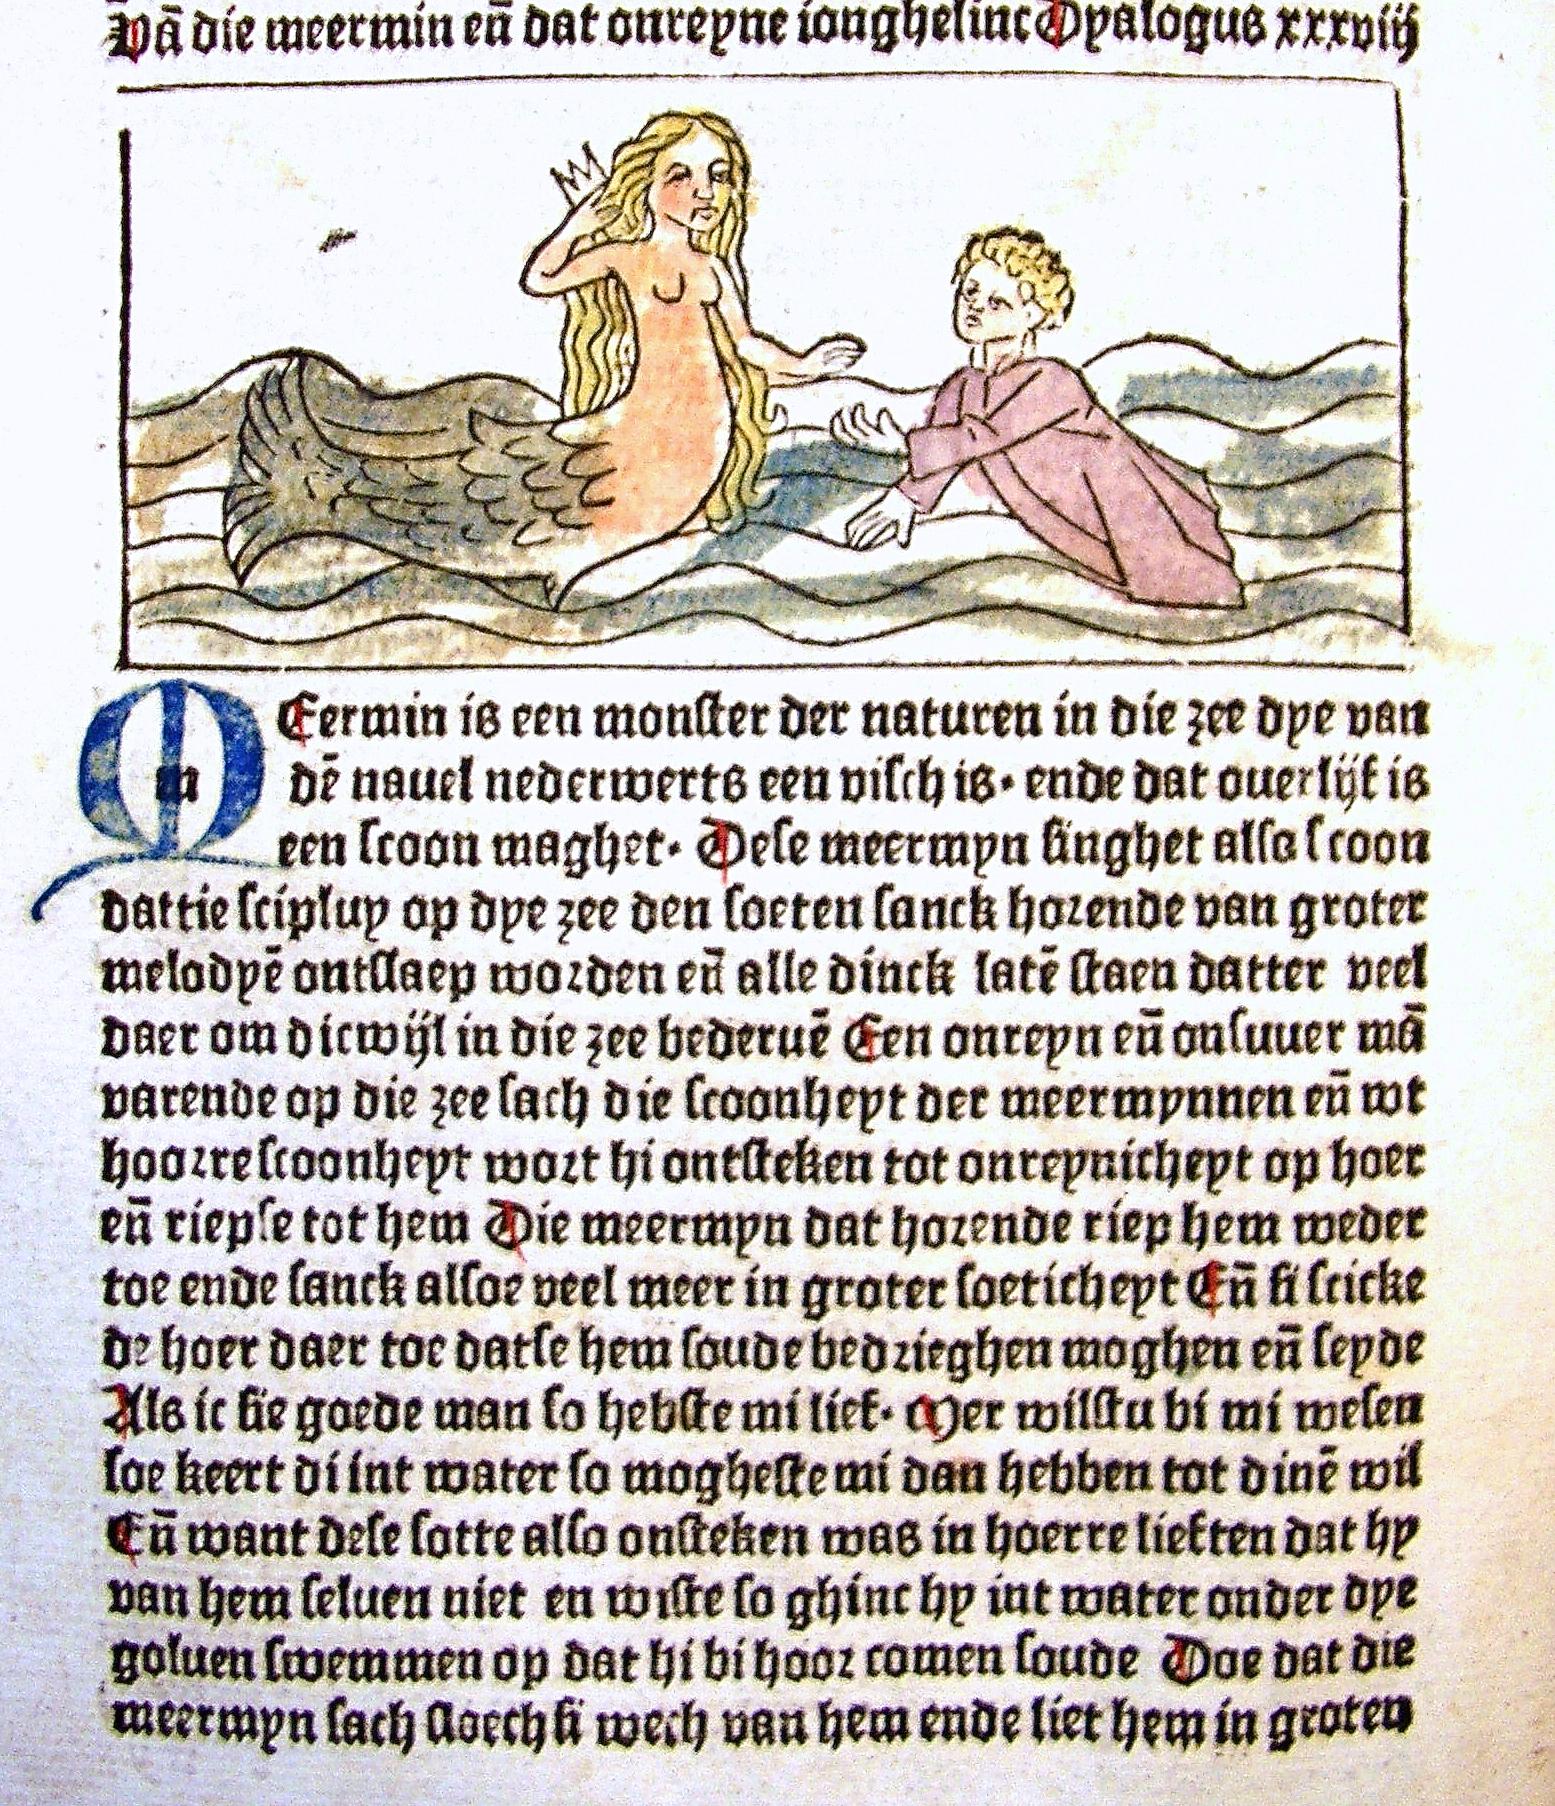 38ste dialoog over de zeemeermin en de wellustige jongeling. Bron: Streekarchief Midden-Holland te Gouda, signatuur depot 2306 E3